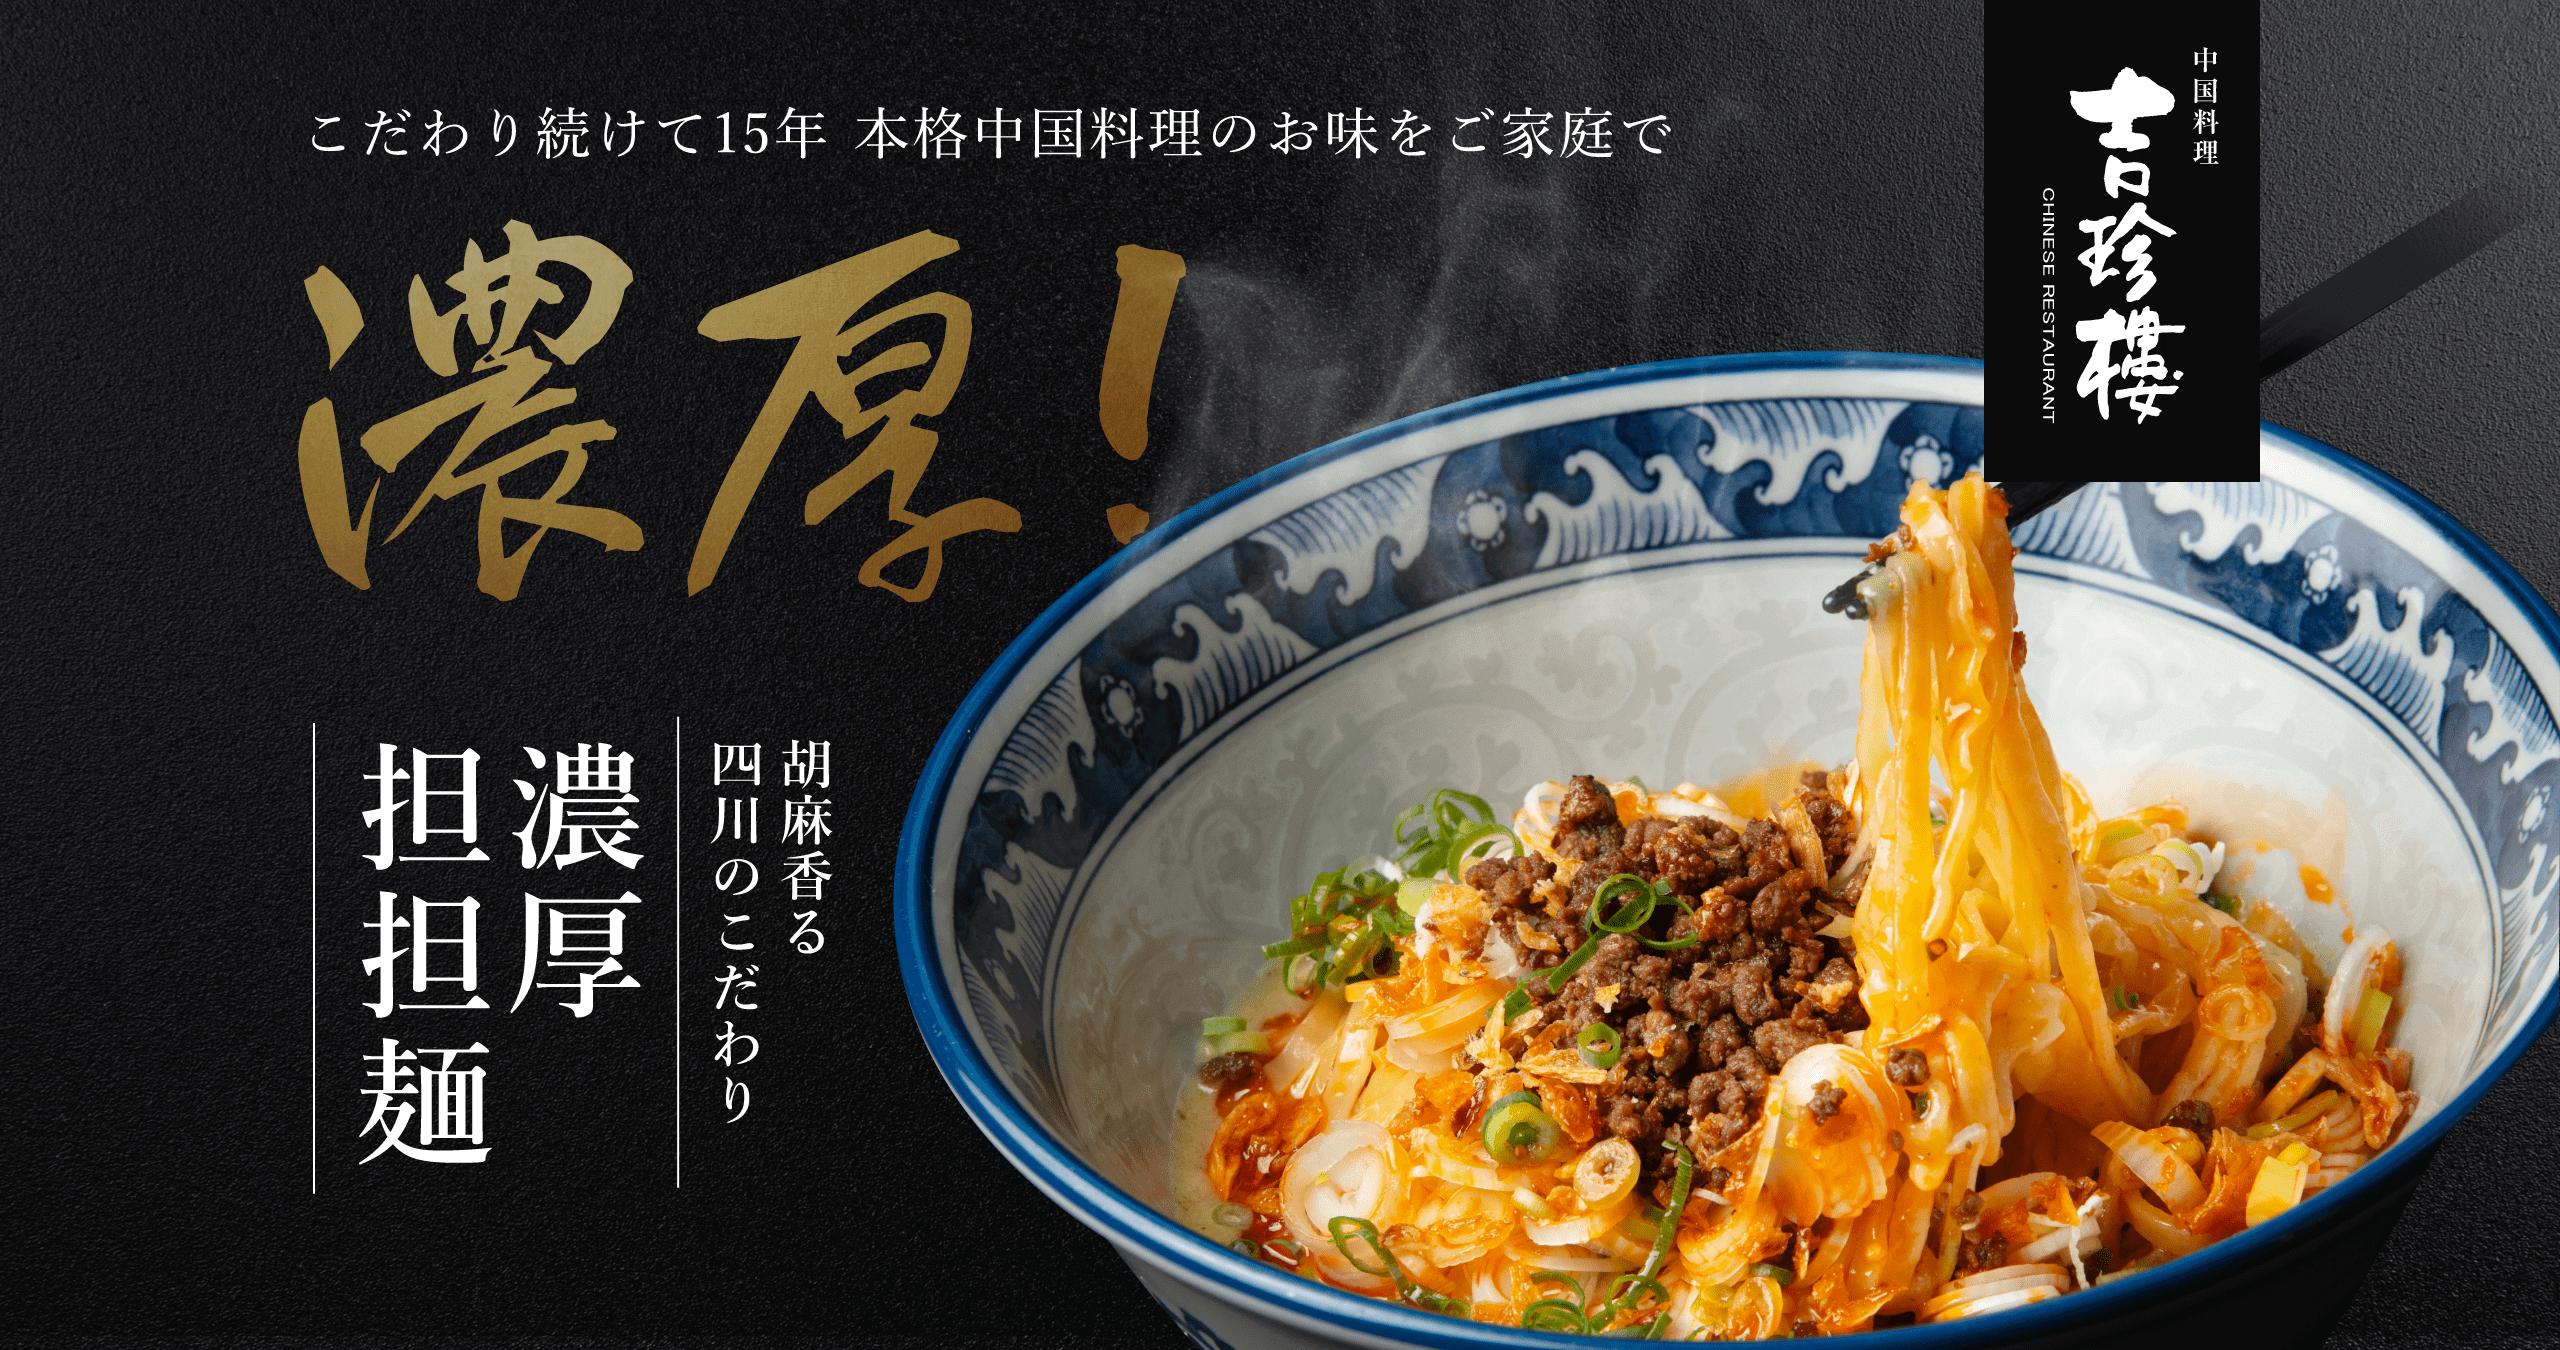 こだわり続けて15年 本格中国料理のお味をご家庭で 胡麻香る四川のこだわり 中国料理 吉珍樓 濃厚担担麺